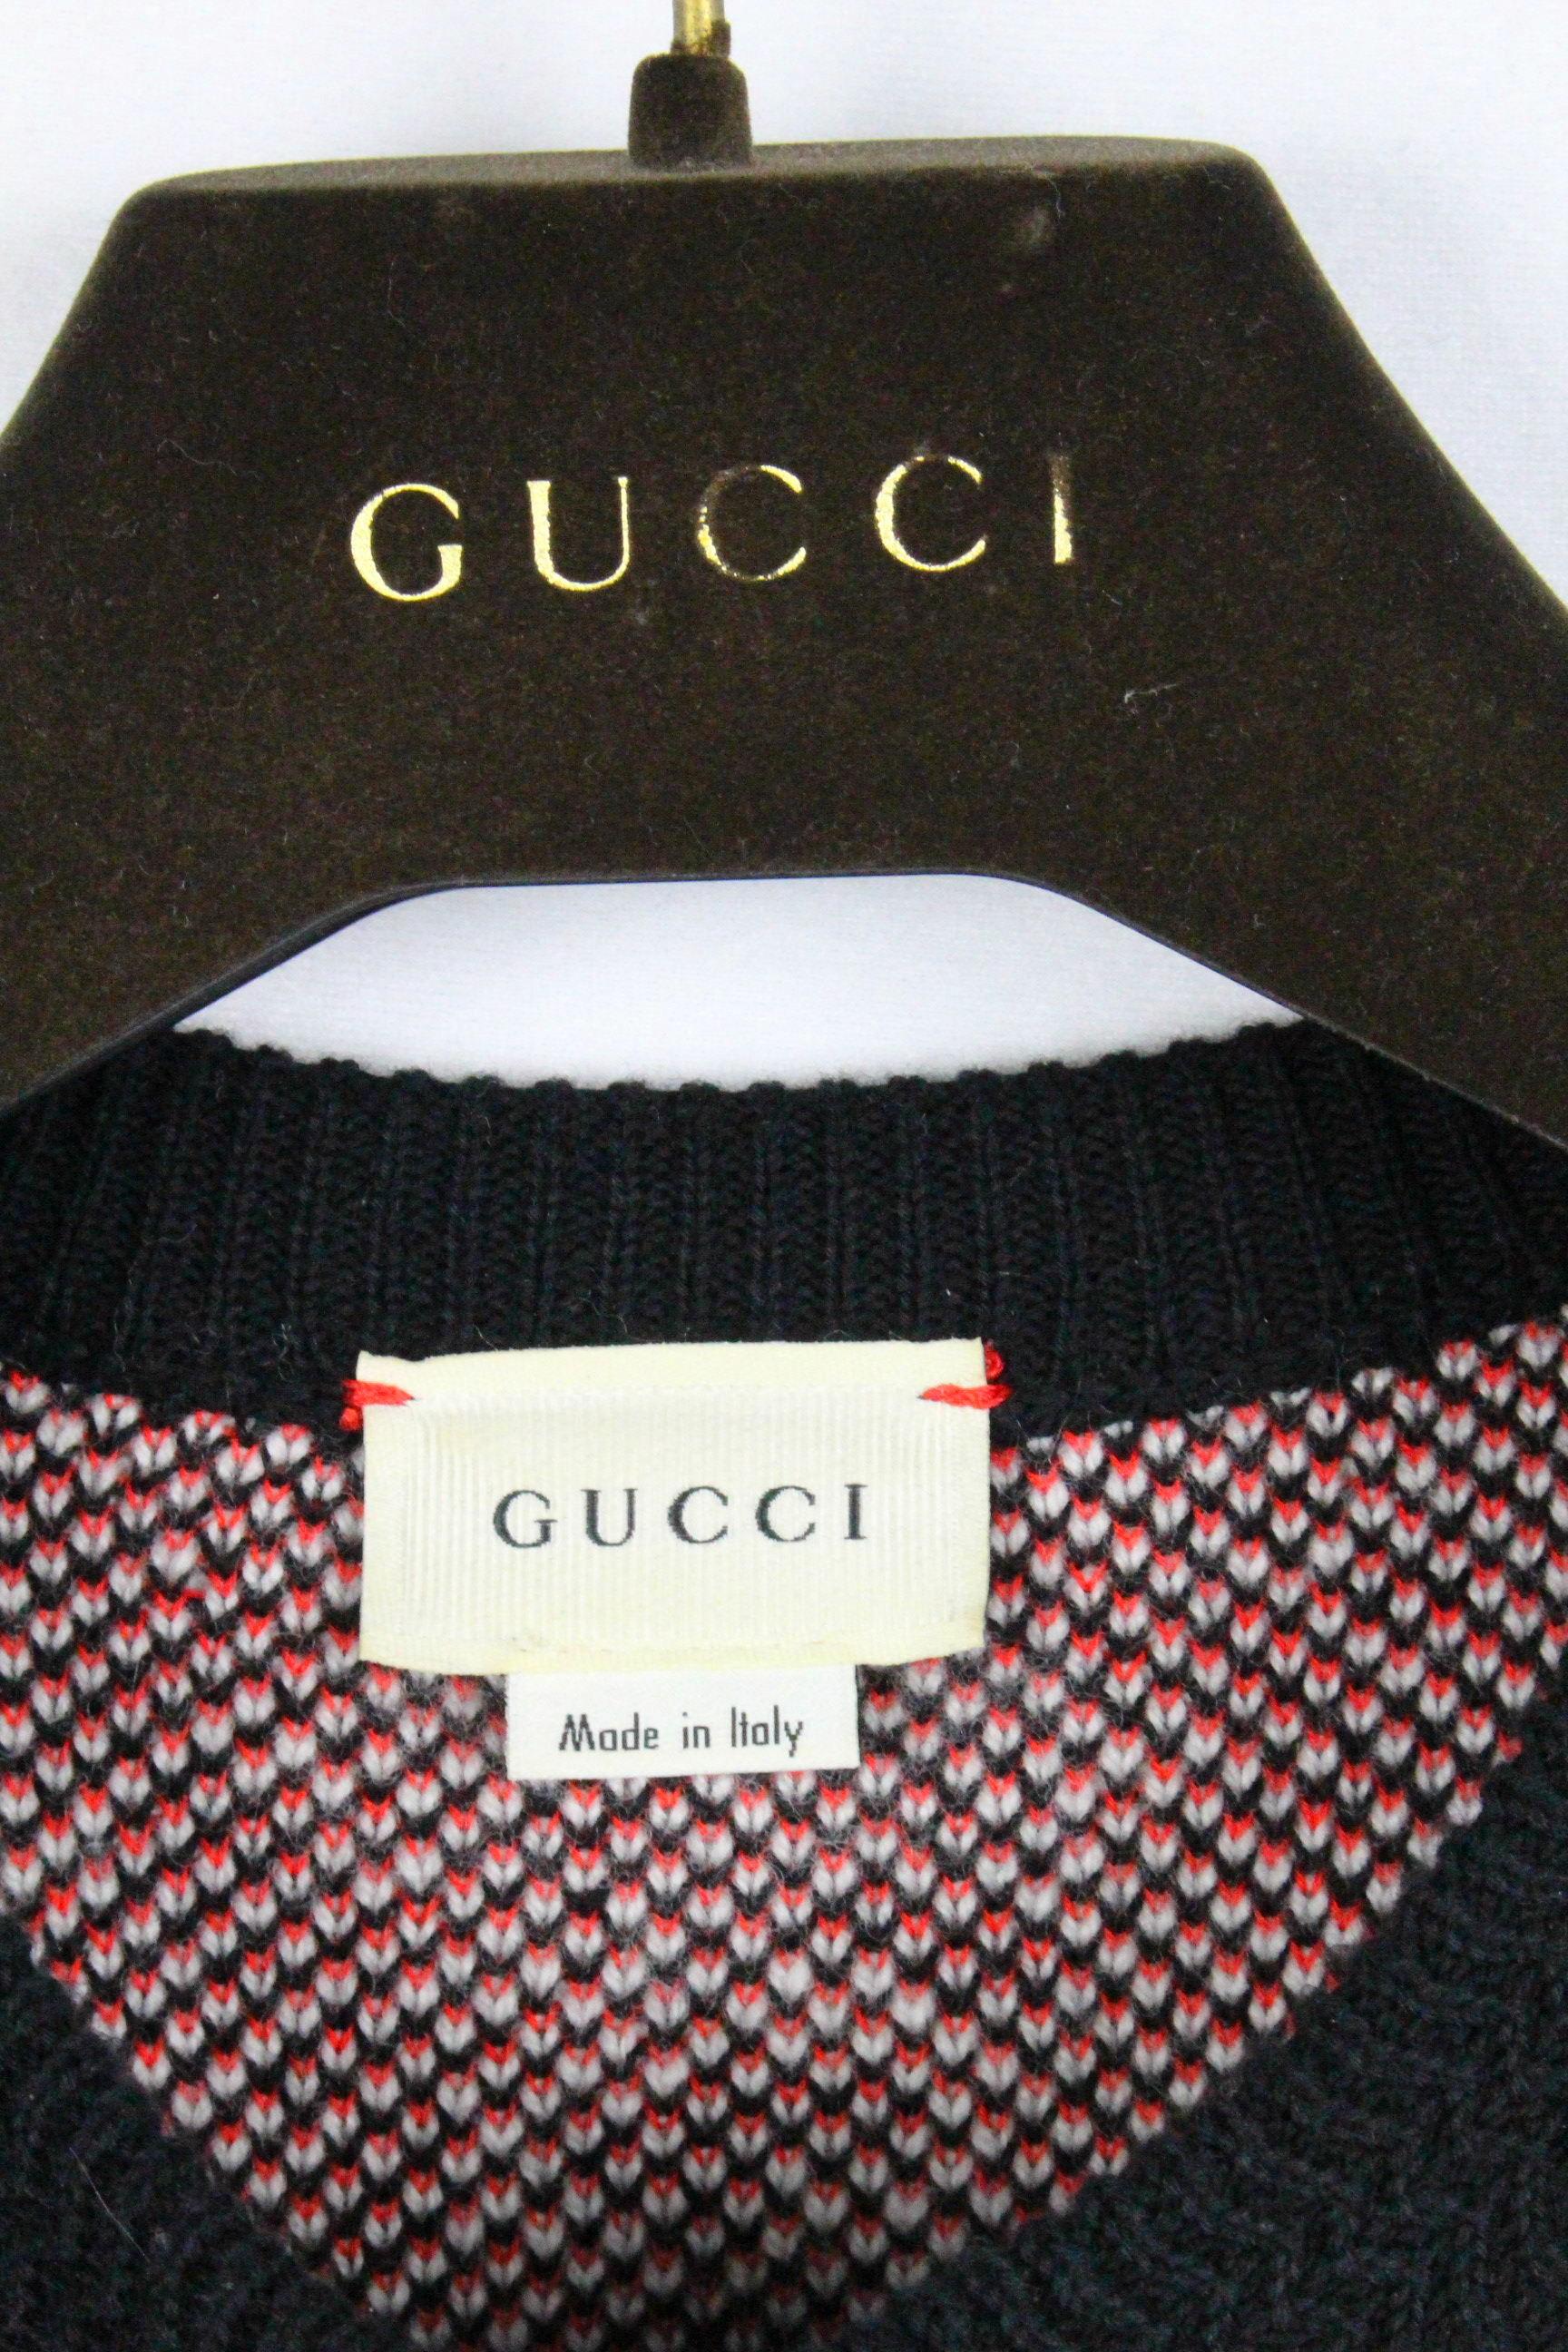 グッチ [ GUCCI ] GG柄 ニット セーター ブラック 黒 長袖 SIZE[XS~S相当(目安)] メンズ トップス プルオーバー